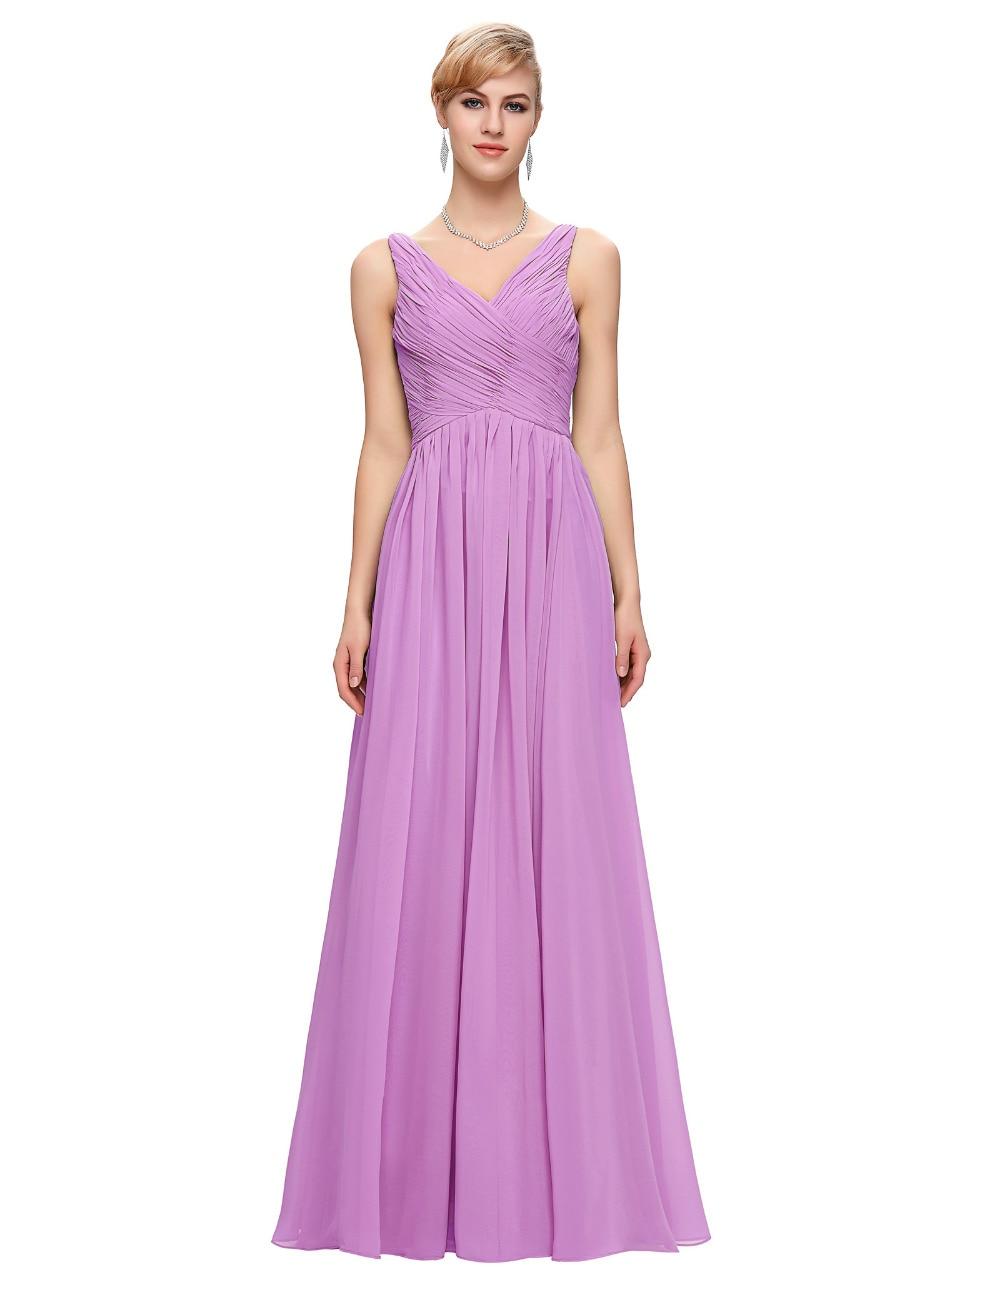 Fantástico Vestido De Fiesta Una Correa Púrpura Ideas Ornamento ...